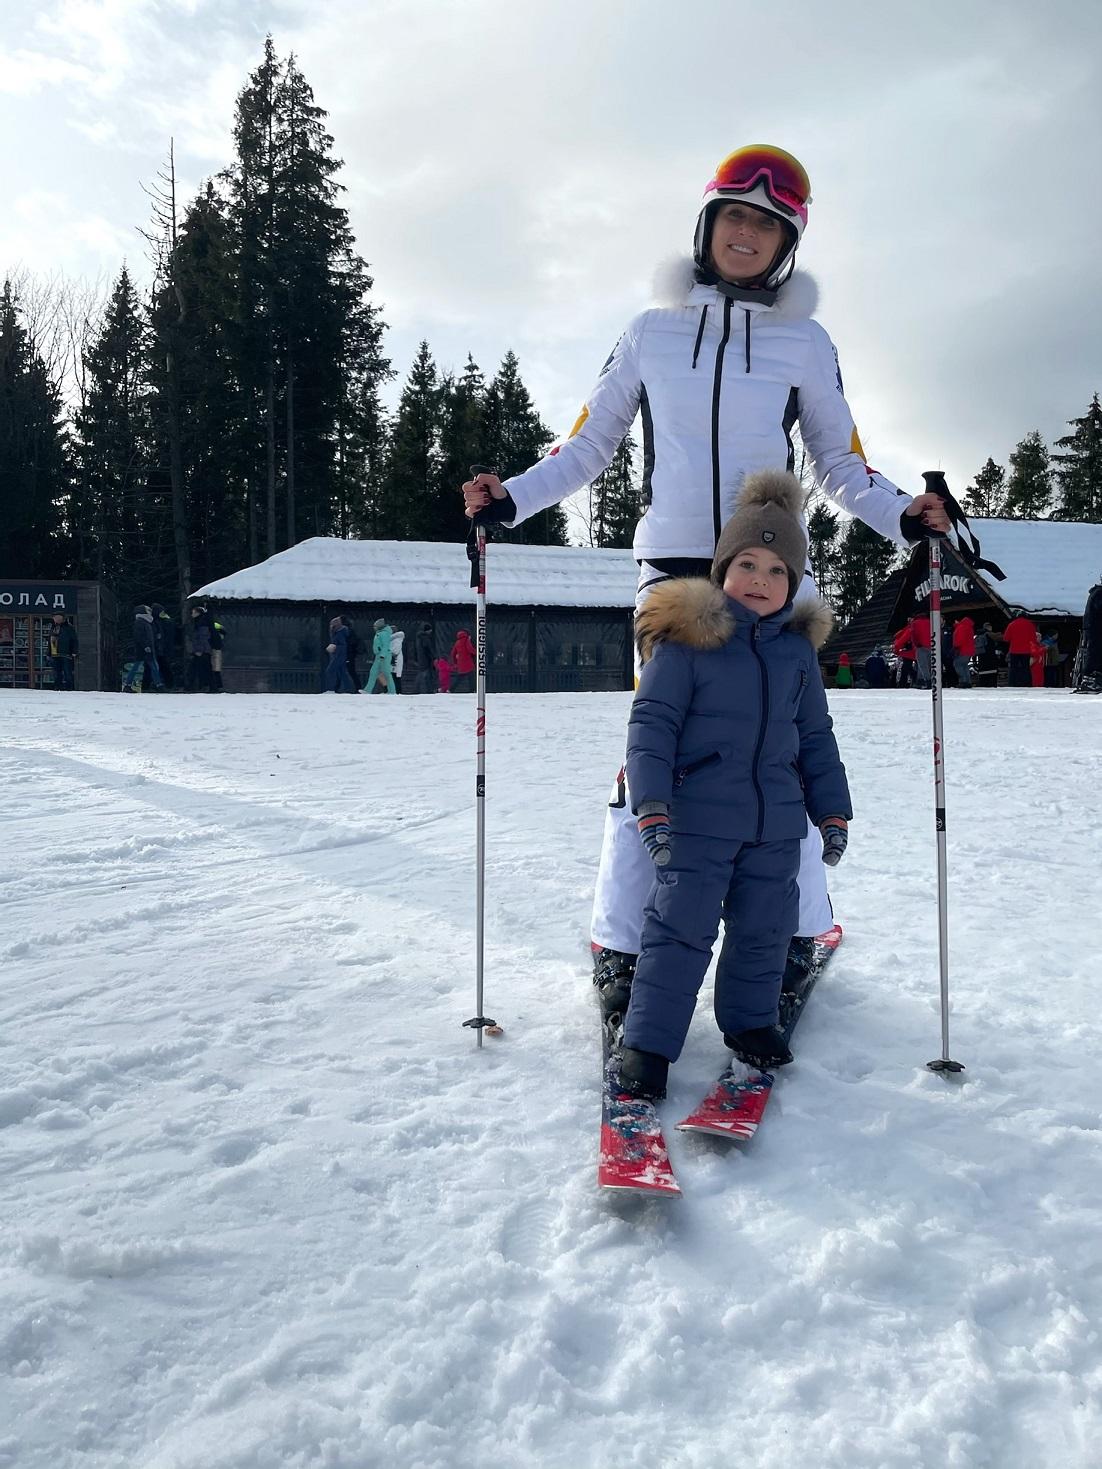 украинские звезды отдых новый год 2021 рождество отпуск путешествие анна ризатдинова